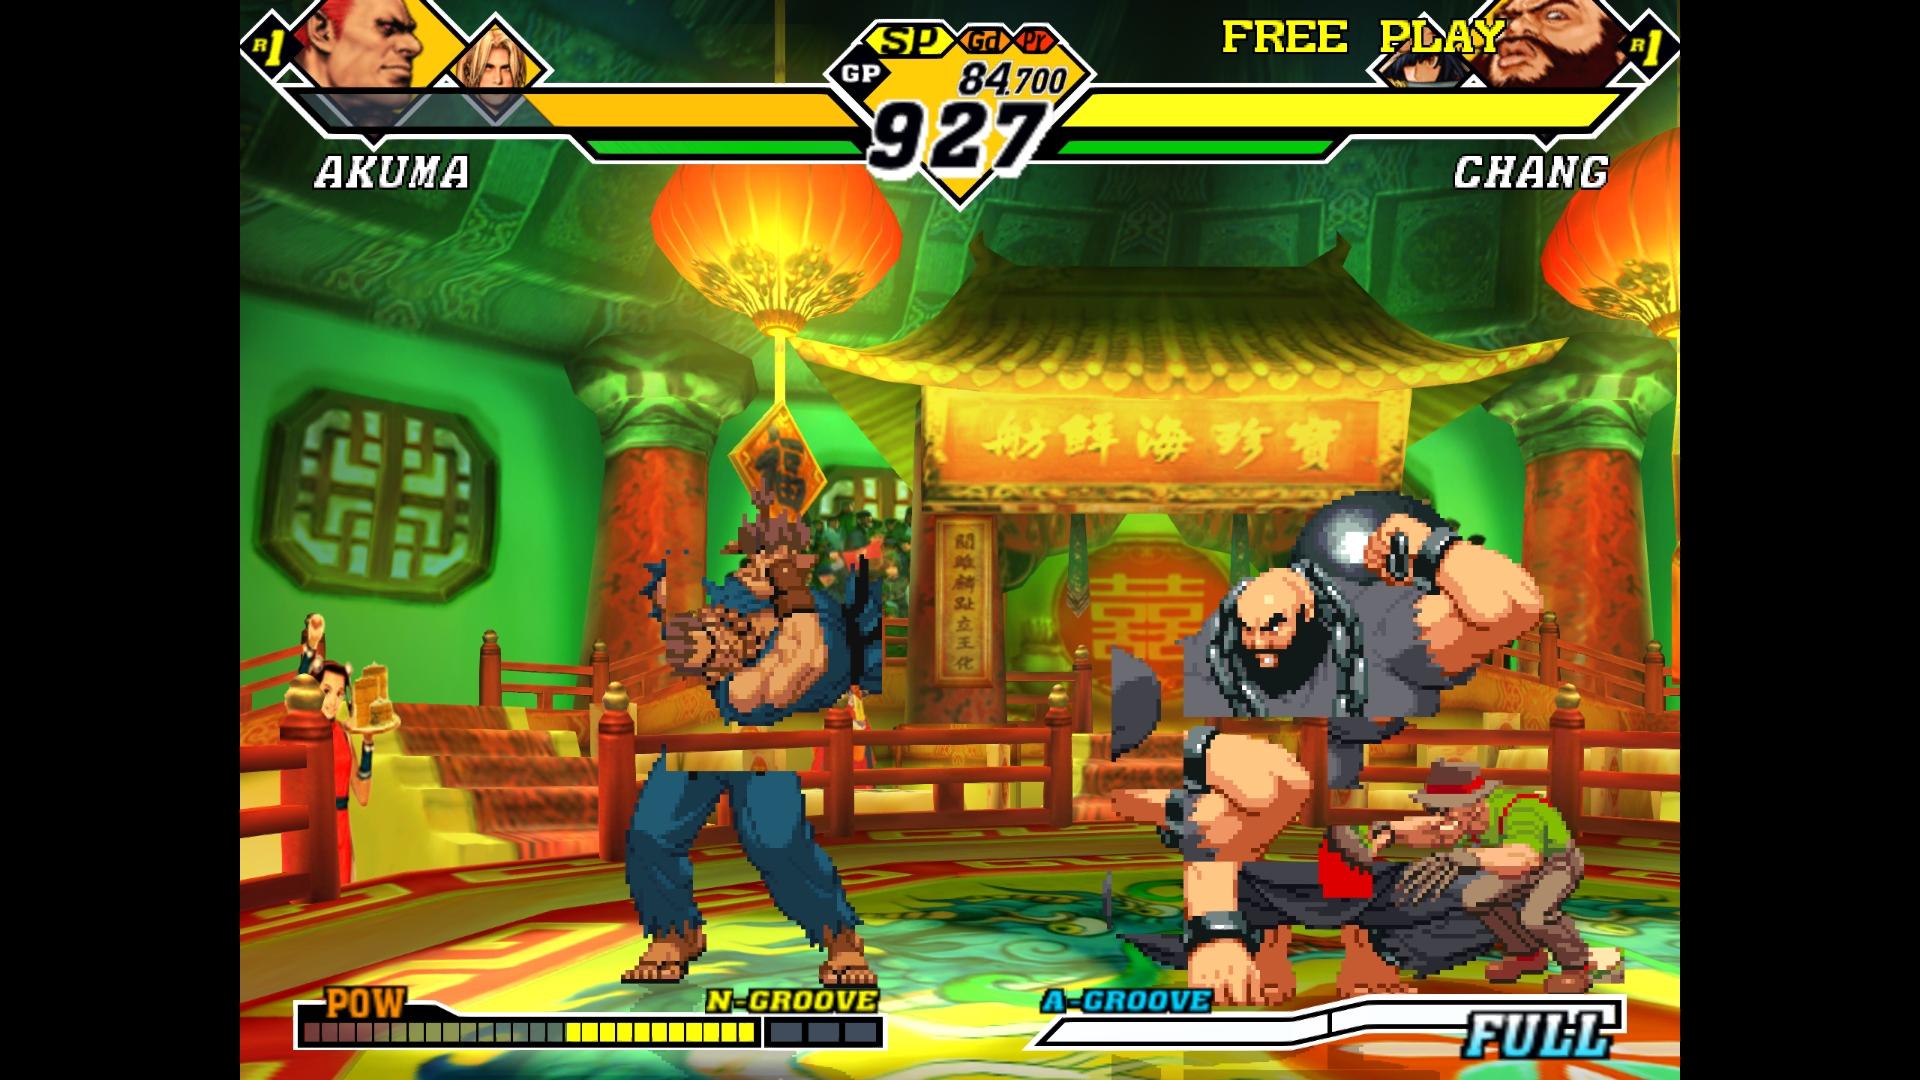 Capcom Vs Snk 2 Sprite Glitch Issue 450 P1pkin Demul Github